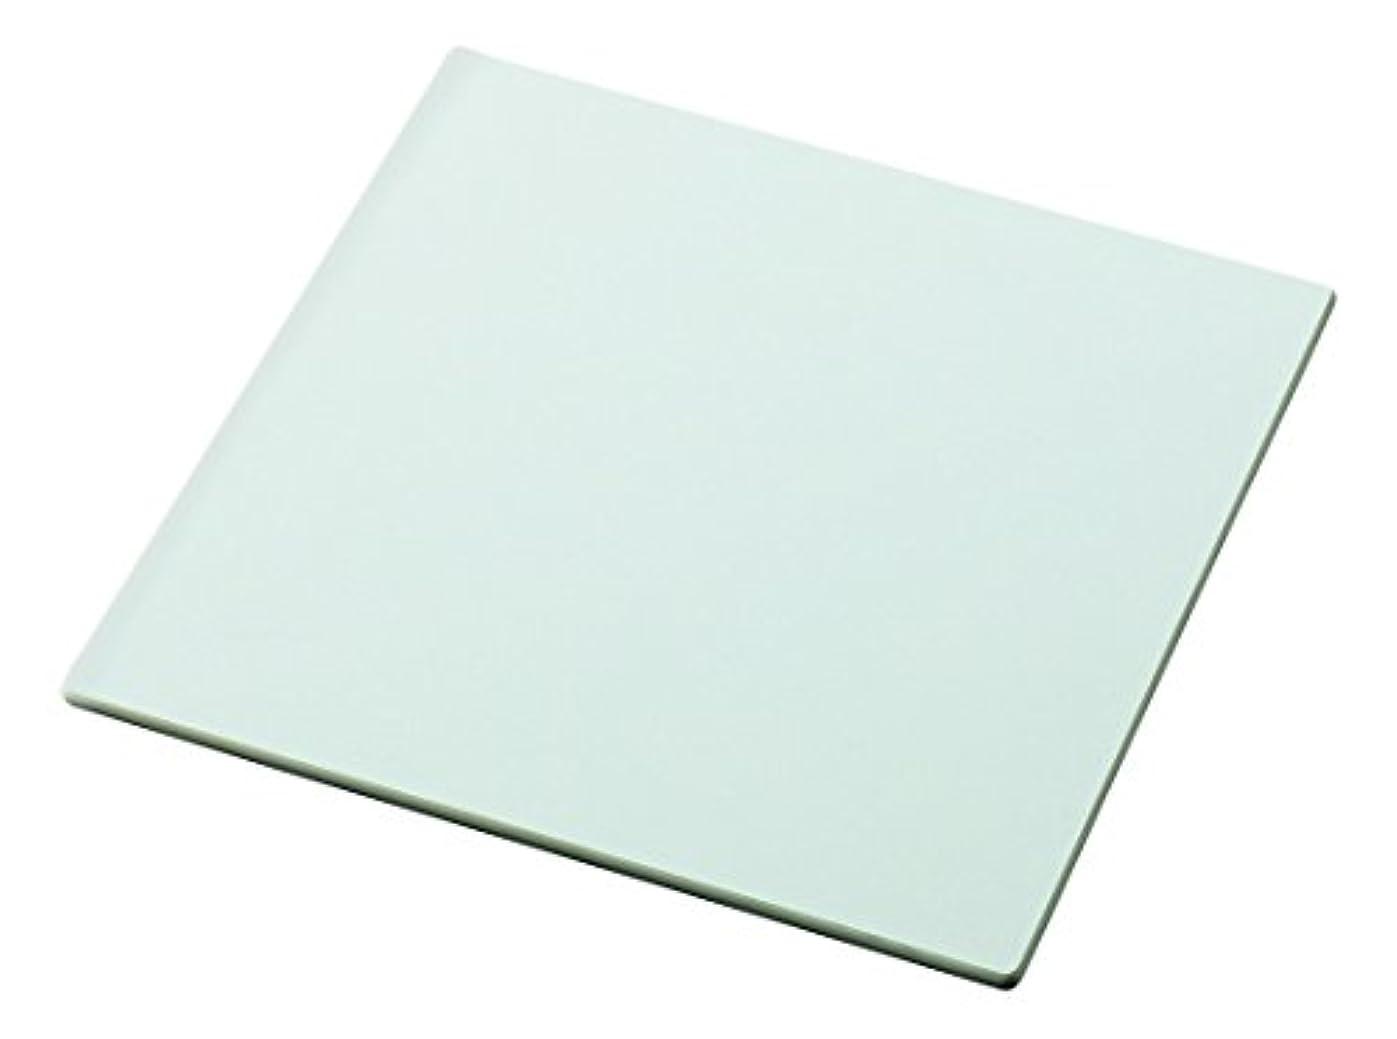 タンカー会う提案アズワン セラミックガラス板 ネオセラム N-11